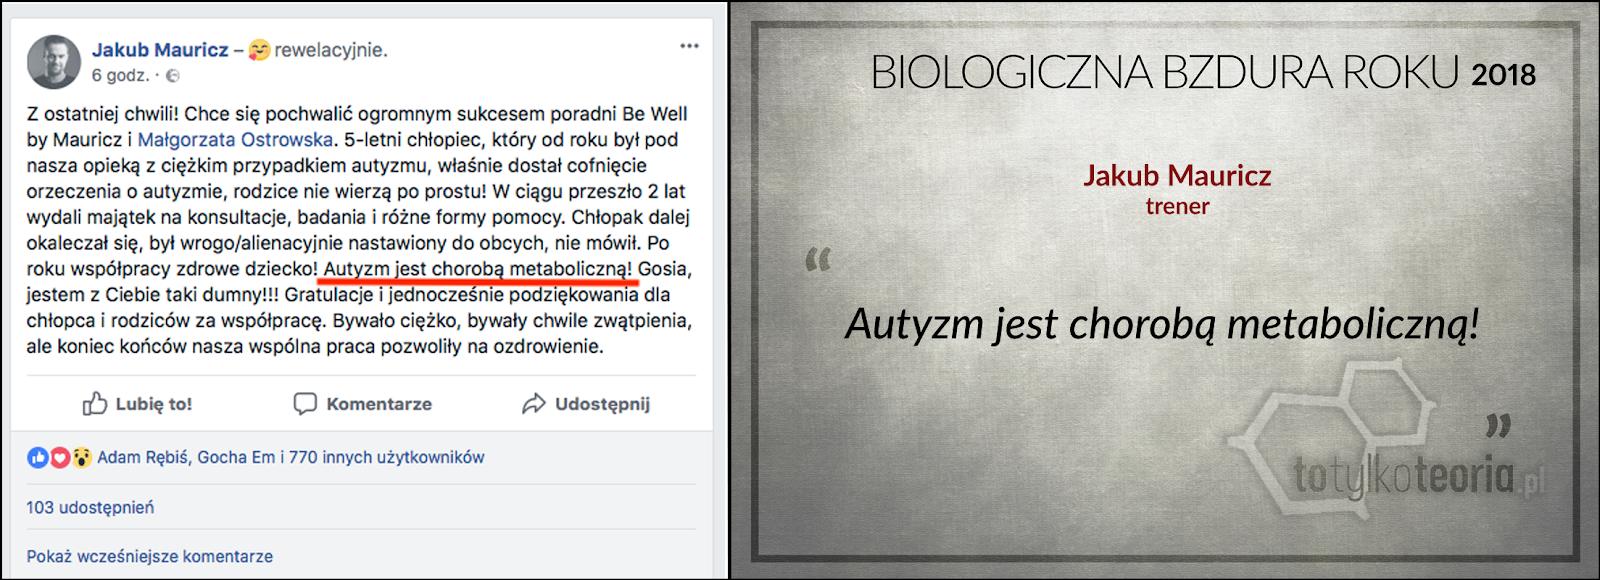 Jakub Mauricz Biologiczna Bzdura Roku 2018 autyzm